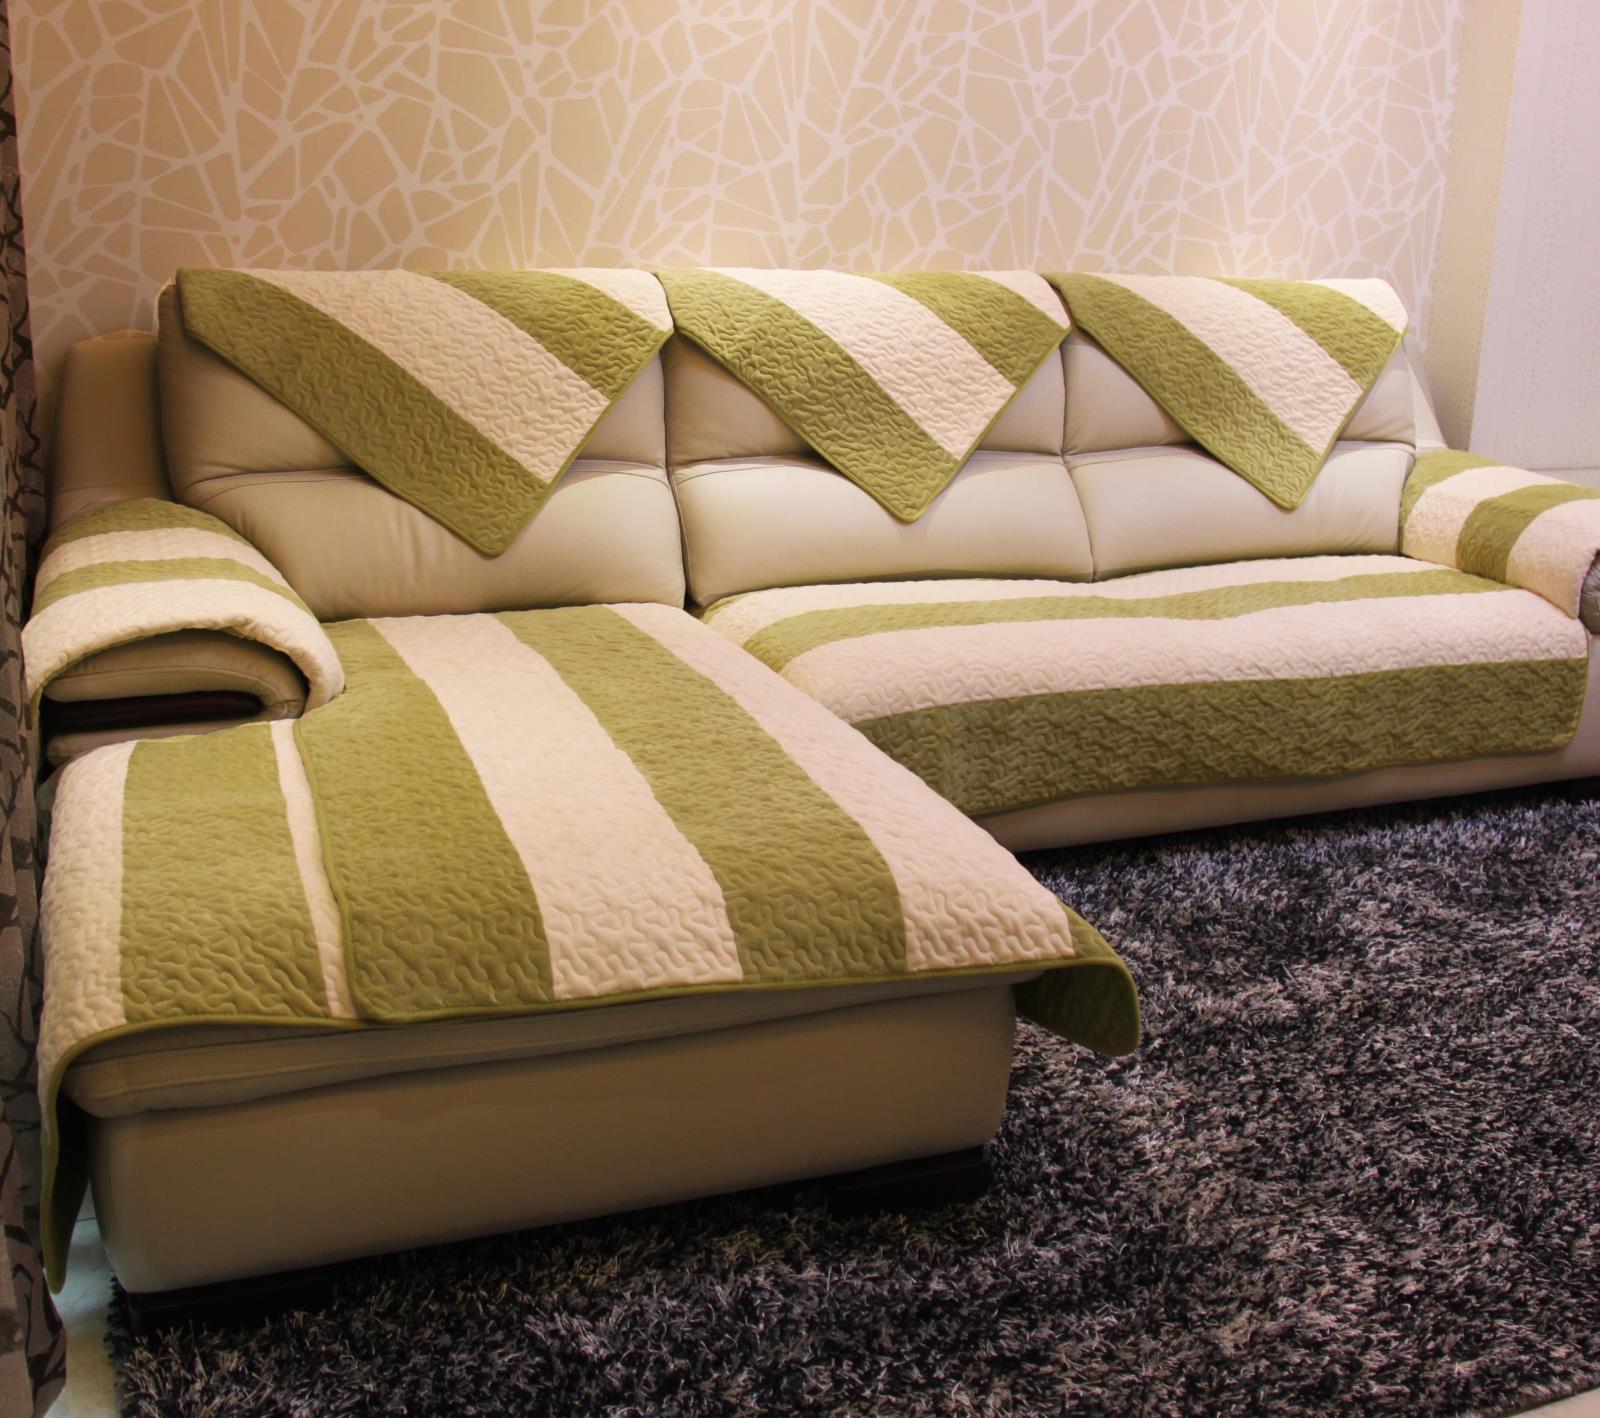 白绿条纹沙发垫绒布艺简约现代加厚防滑坐垫沙发巾飘窗垫定做